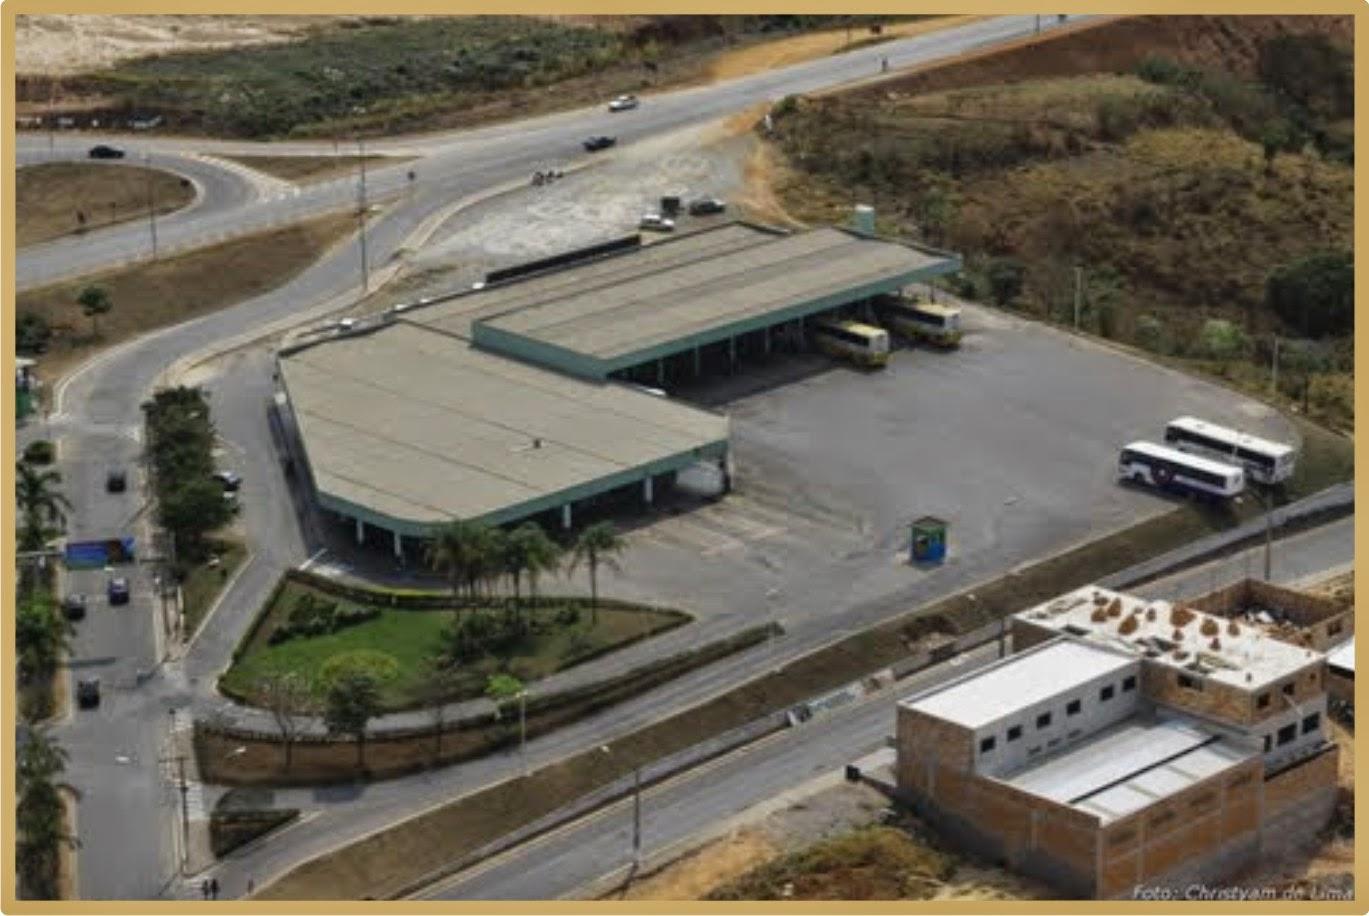 Terminal Rodoviário de Nova Serrana